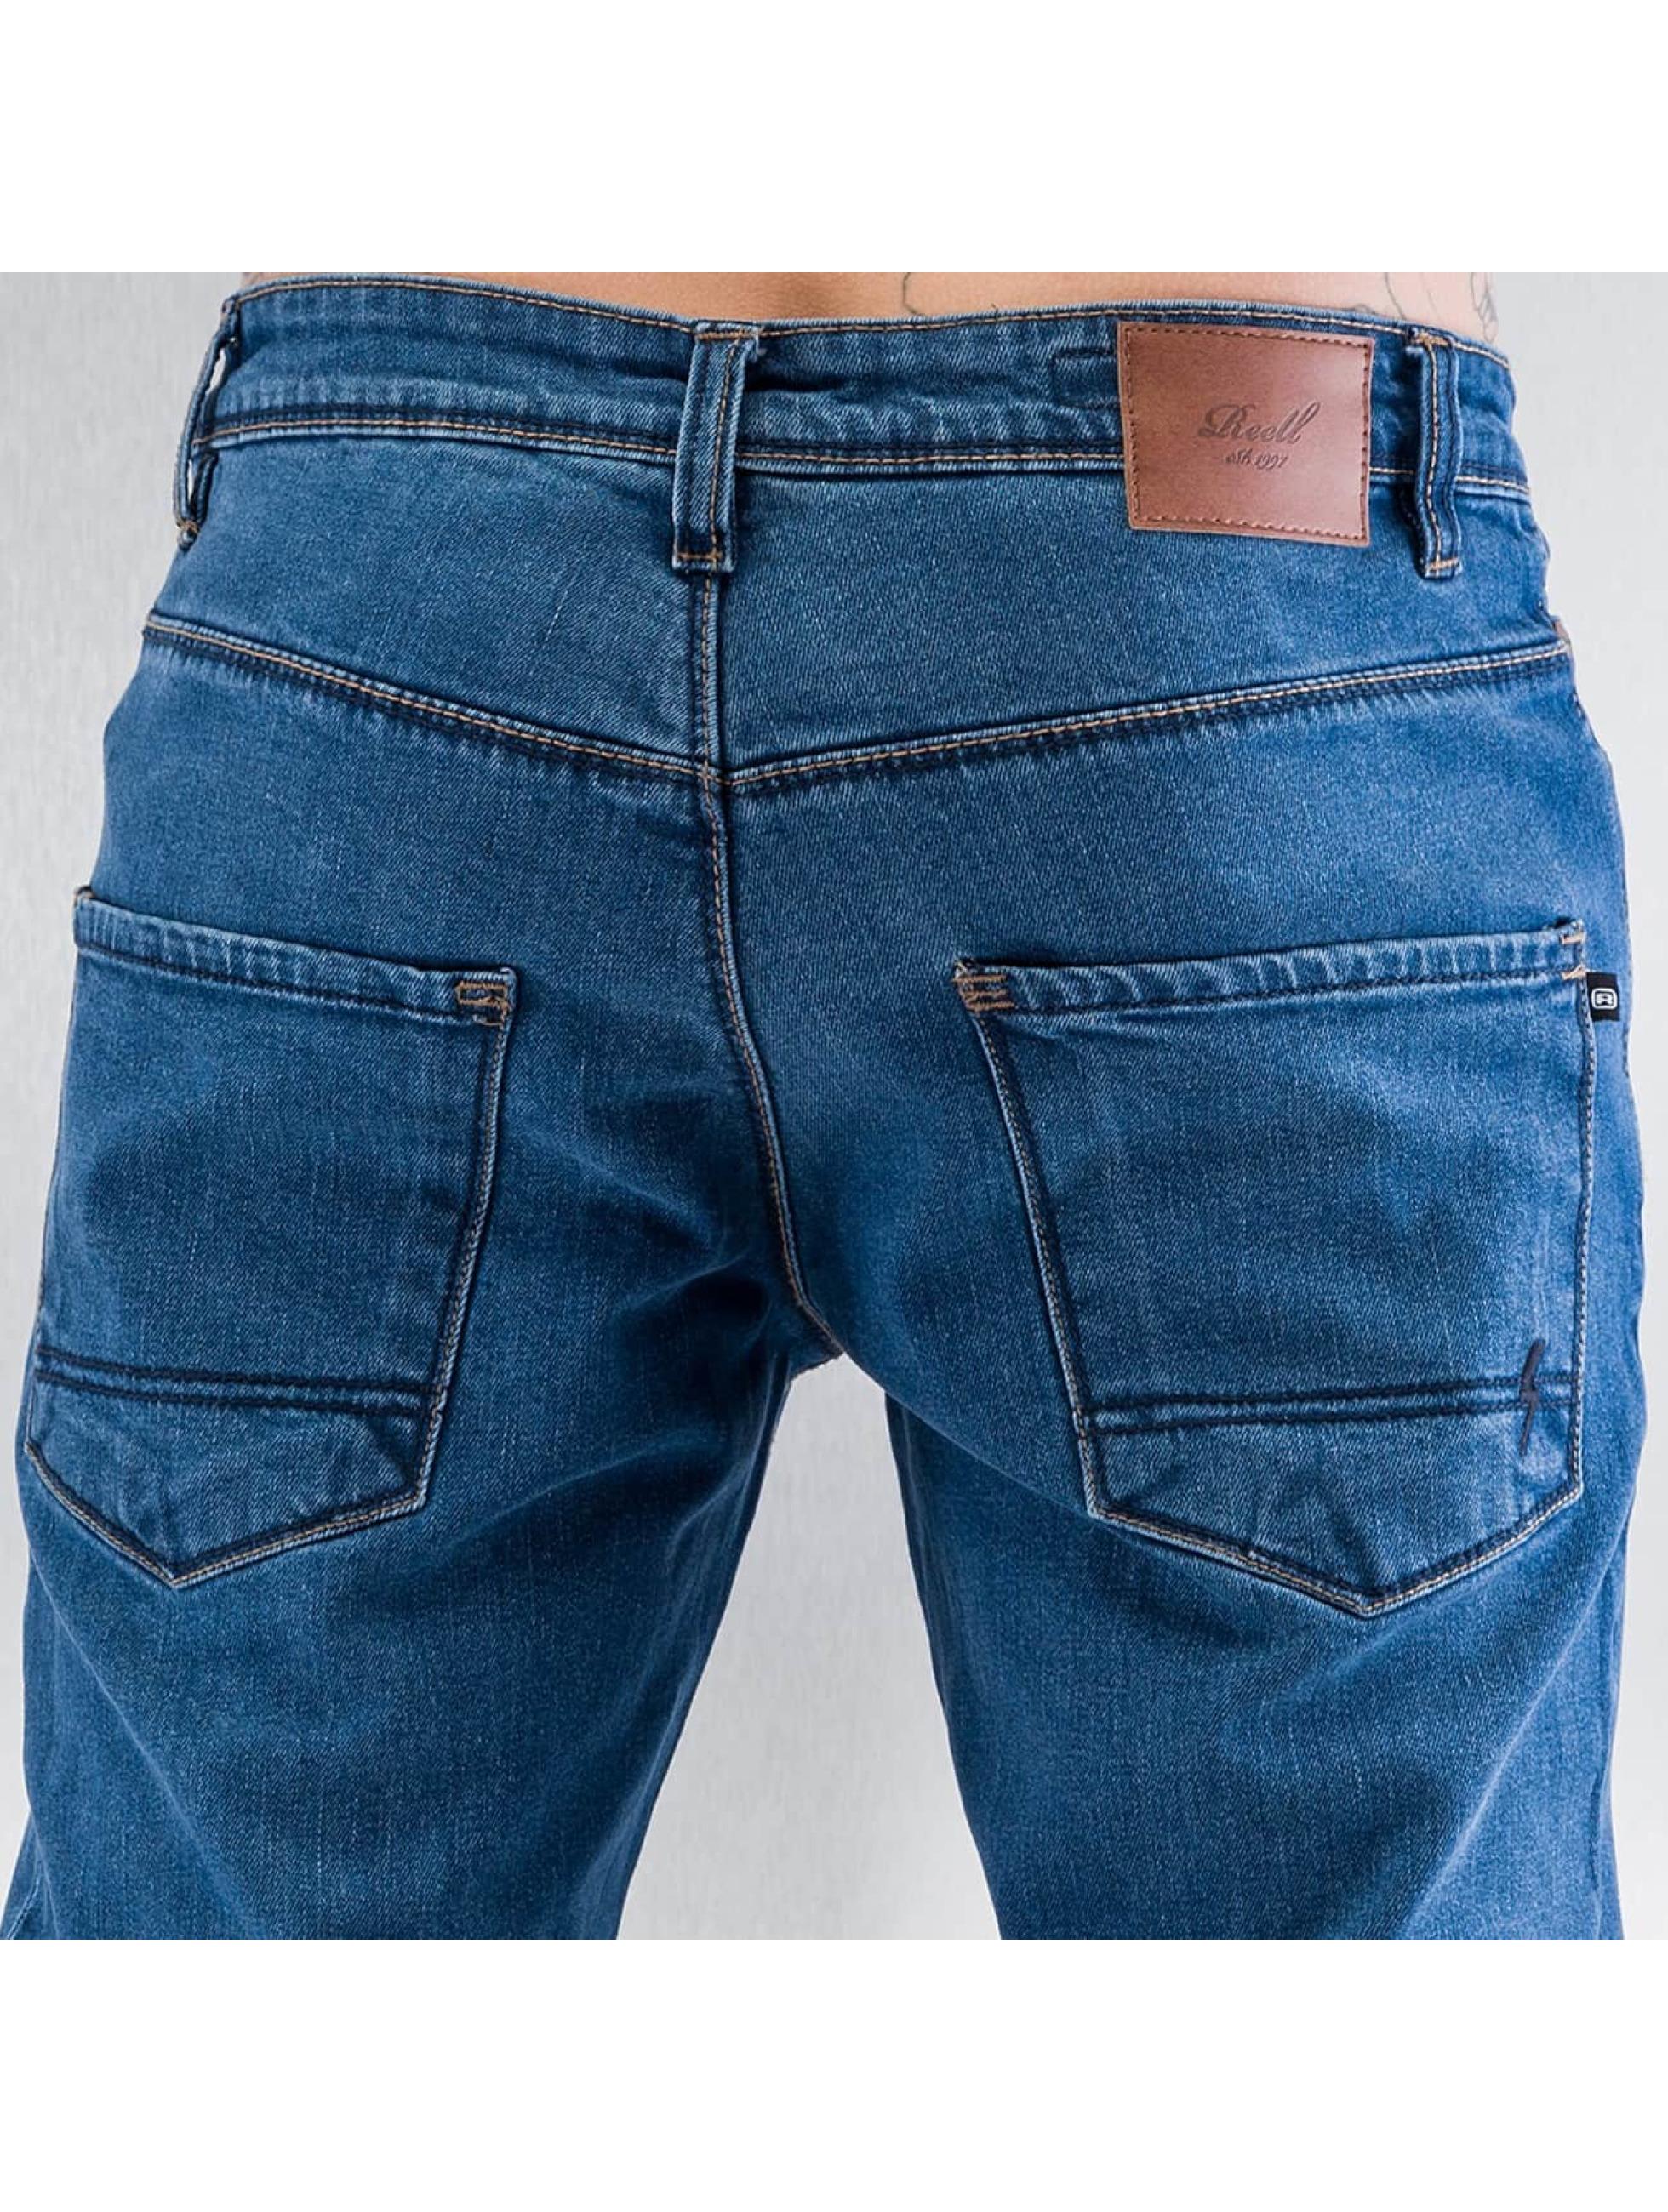 Reell Jeans Dżinsy straight fit Razor II niebieski